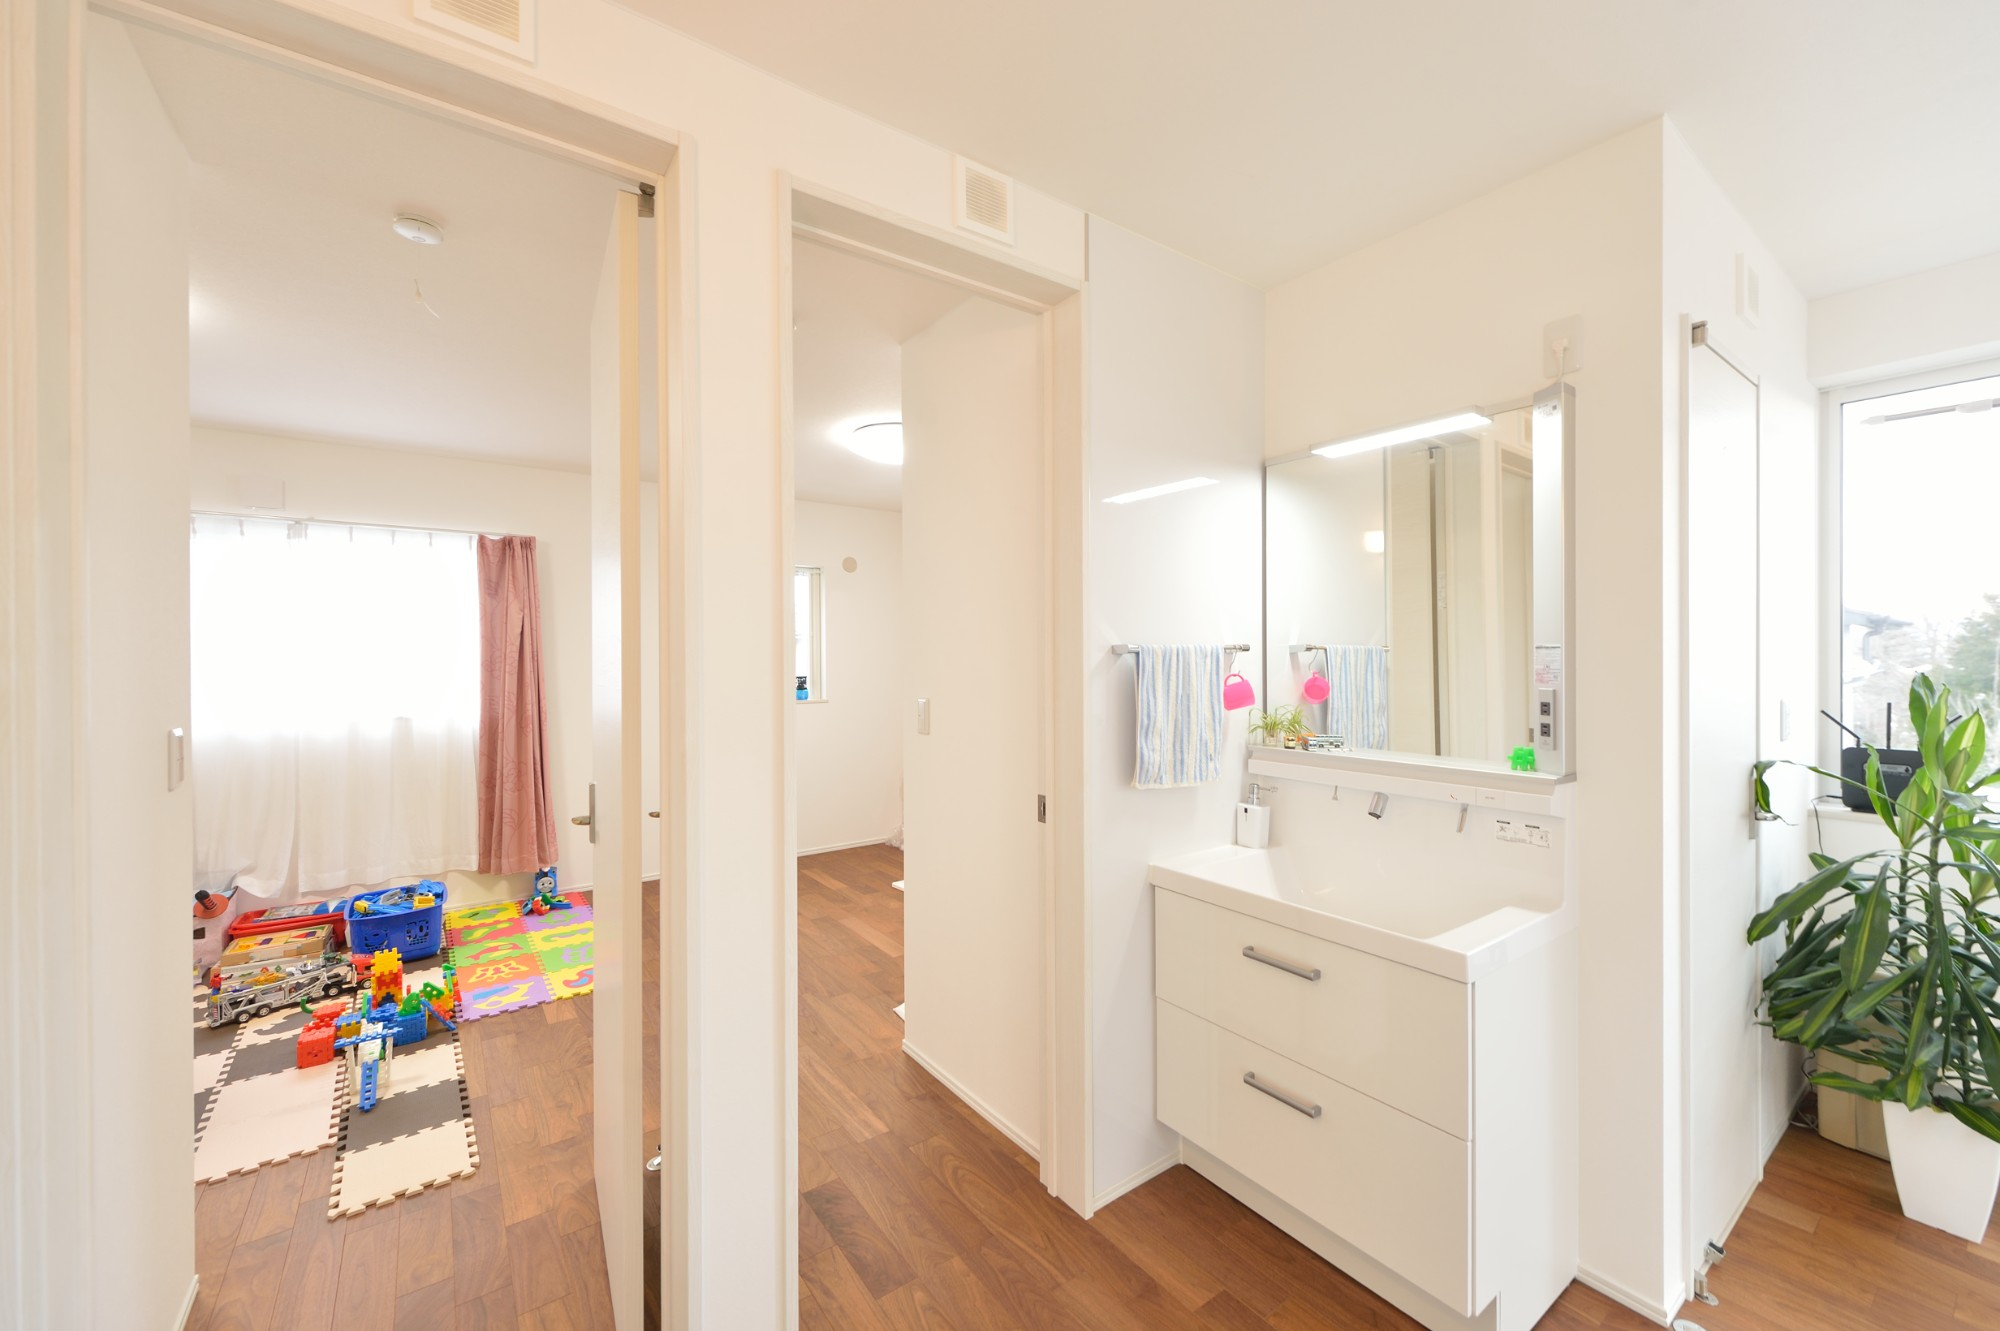 家'Sハセガワ株式会社「雑貨が似合う家」のシンプル・ナチュラルな洗面所・脱衣所の実例写真